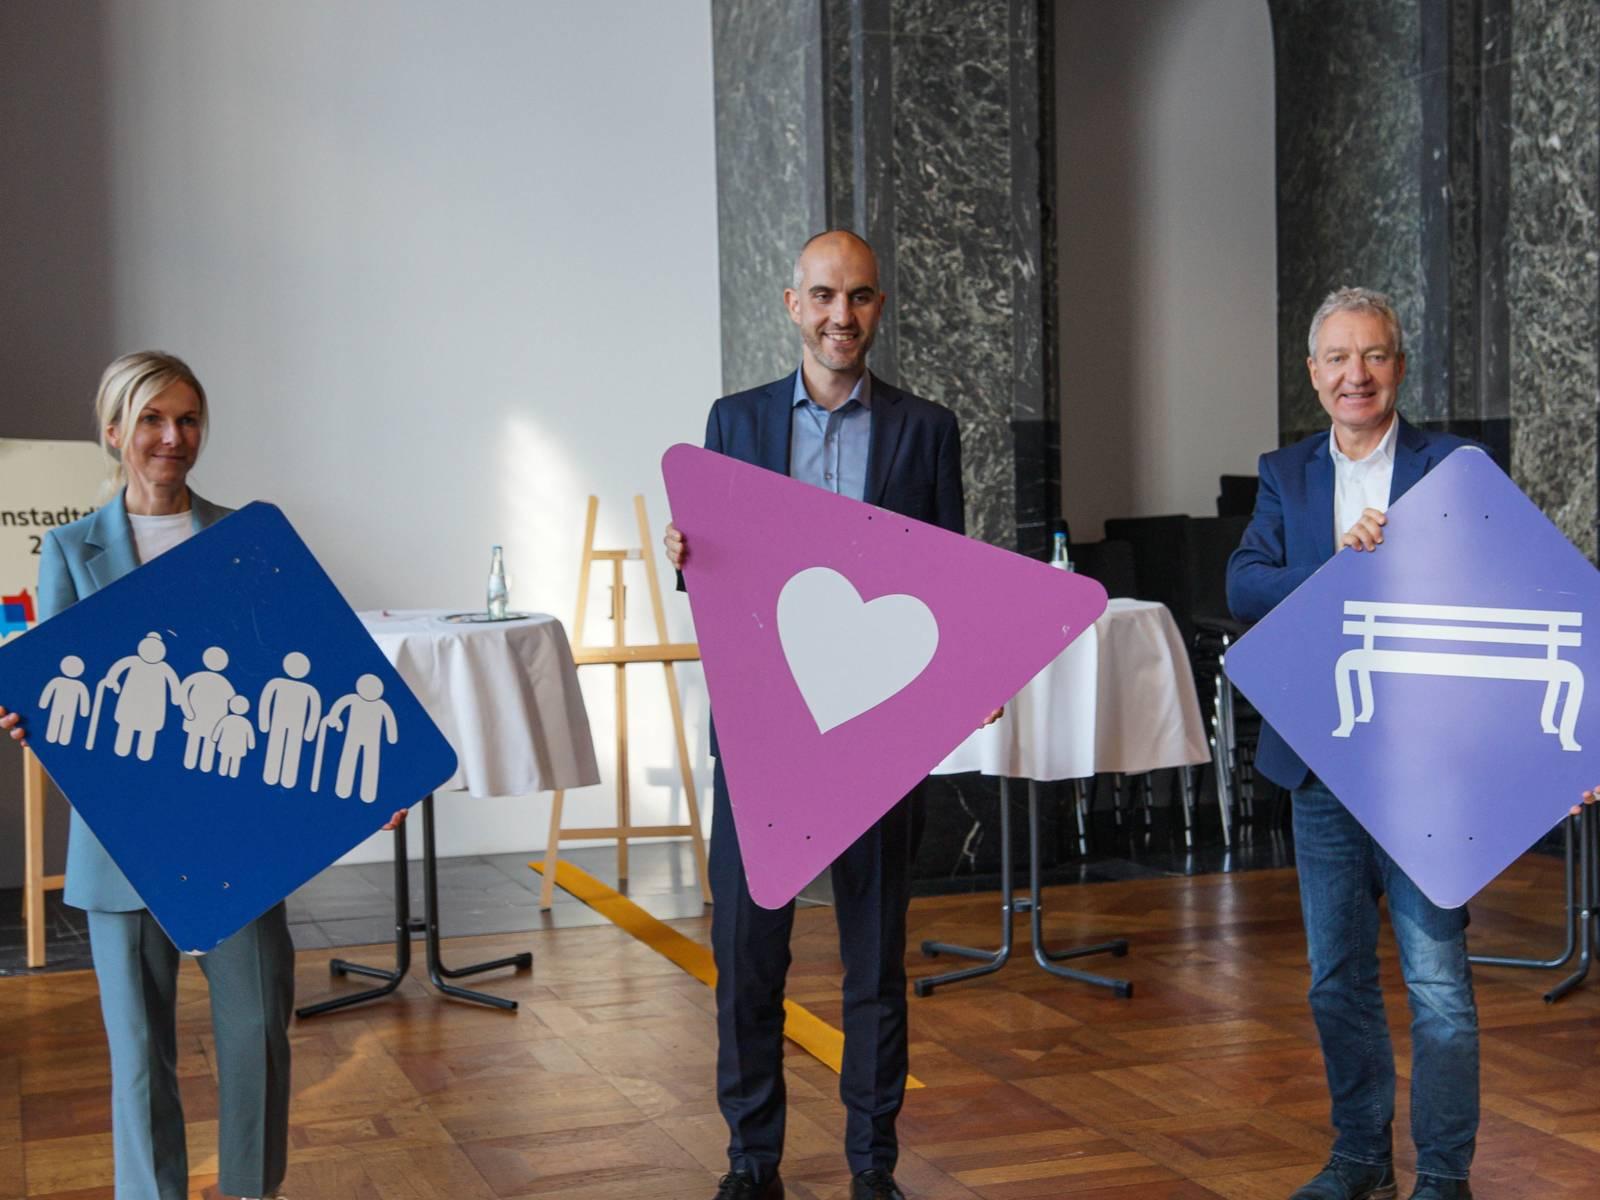 Drei Personen mit Schildern in einem Saal.